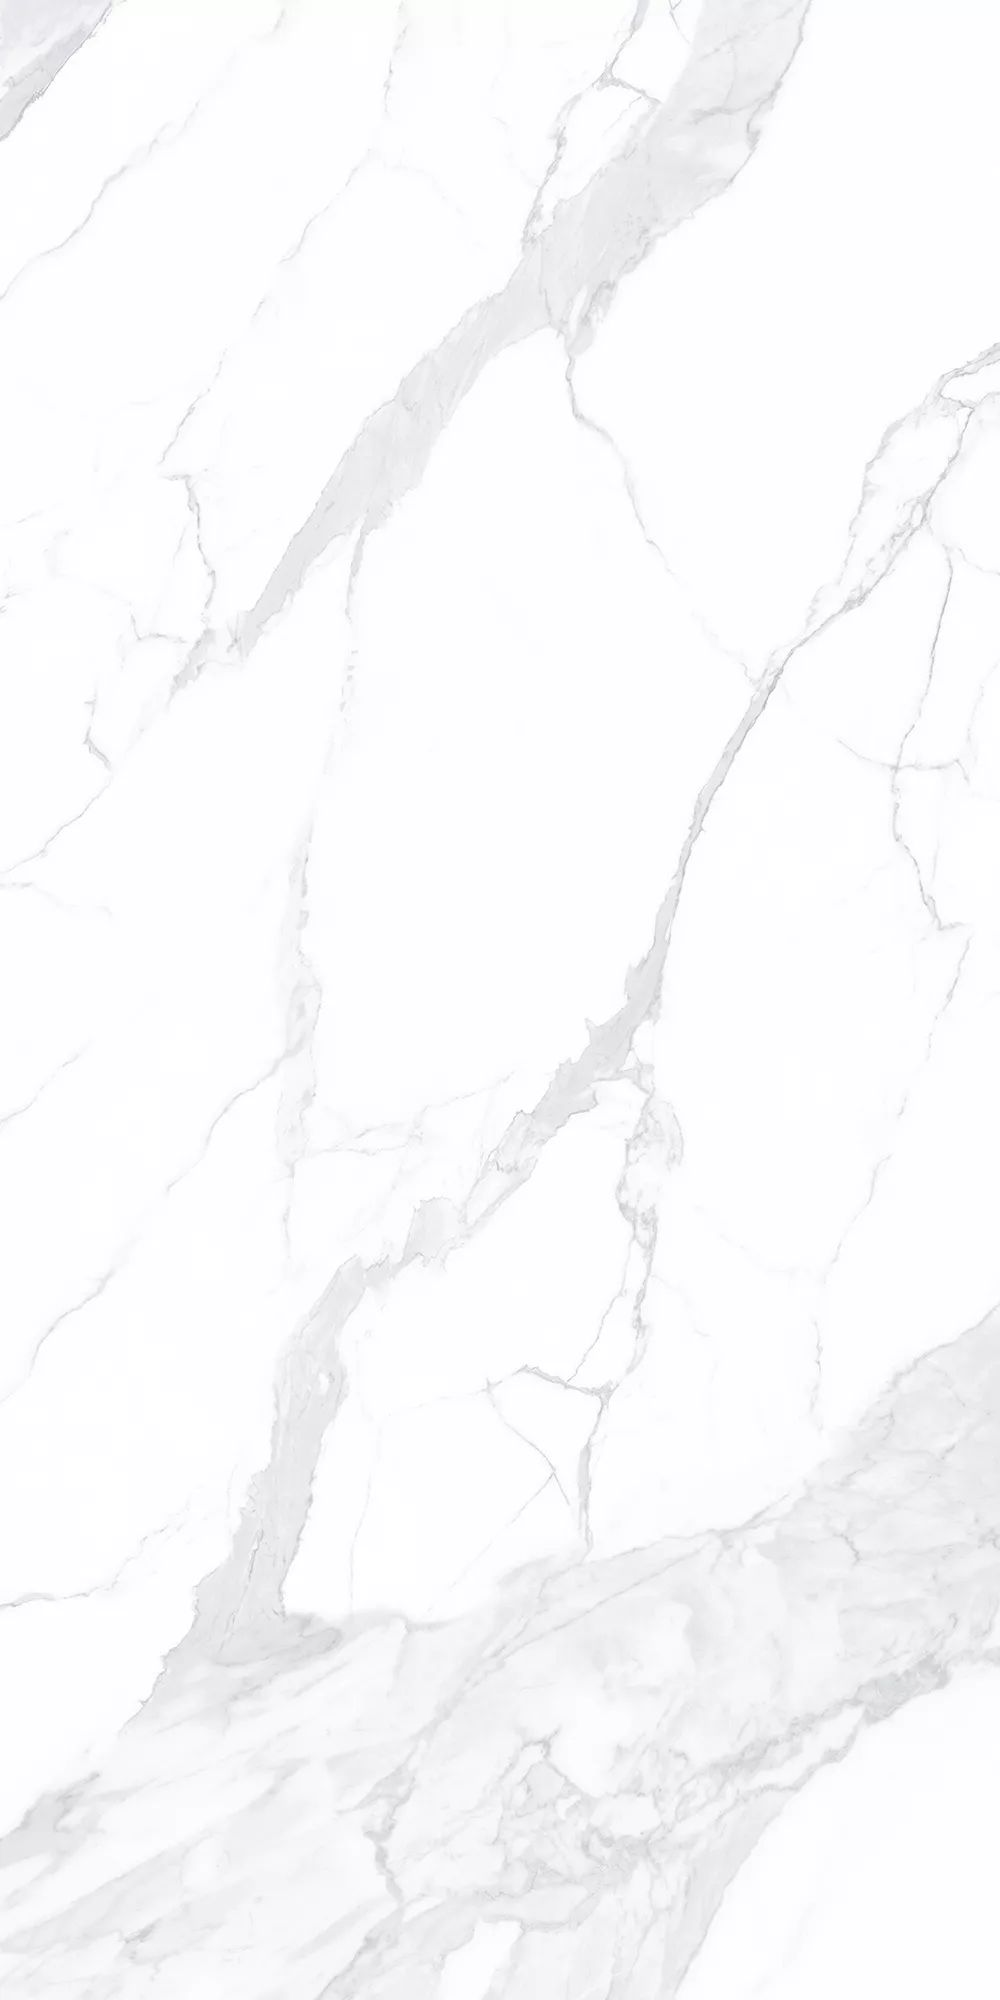 大将军陶瓷图片 银河大板瓷砖装修效果图